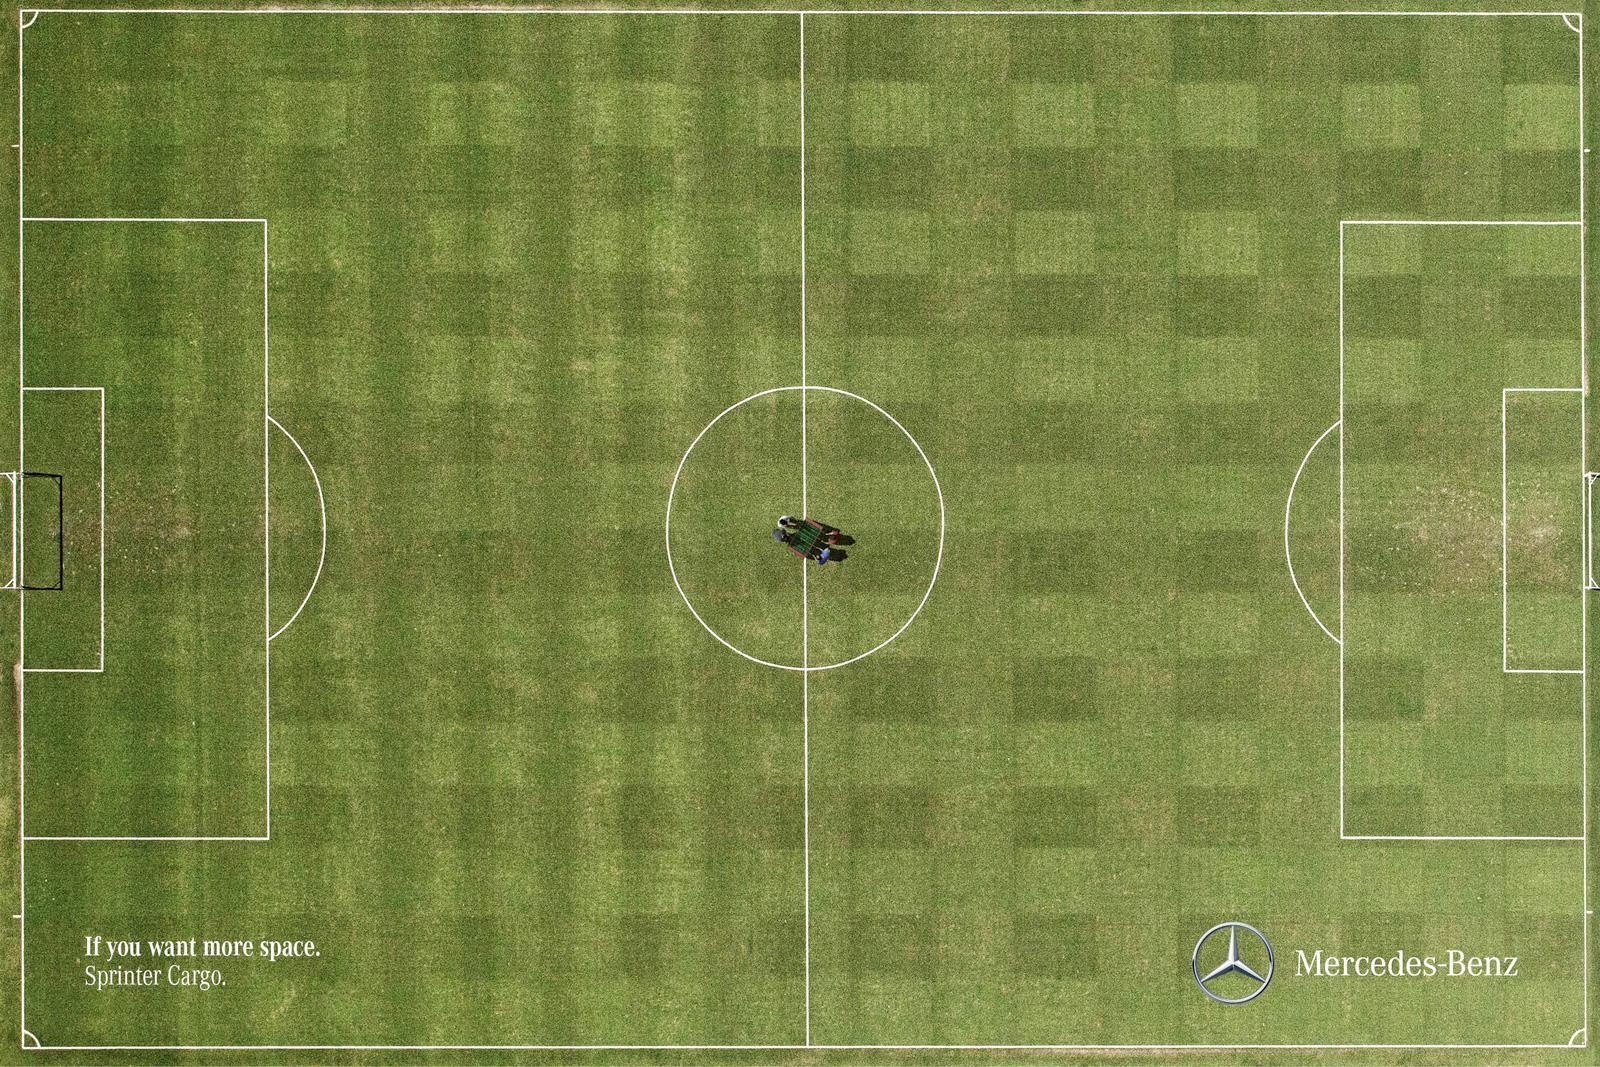 Spécial Coupe du Monde de Football : Les 100 plus belles publicités sur le foot ! 98